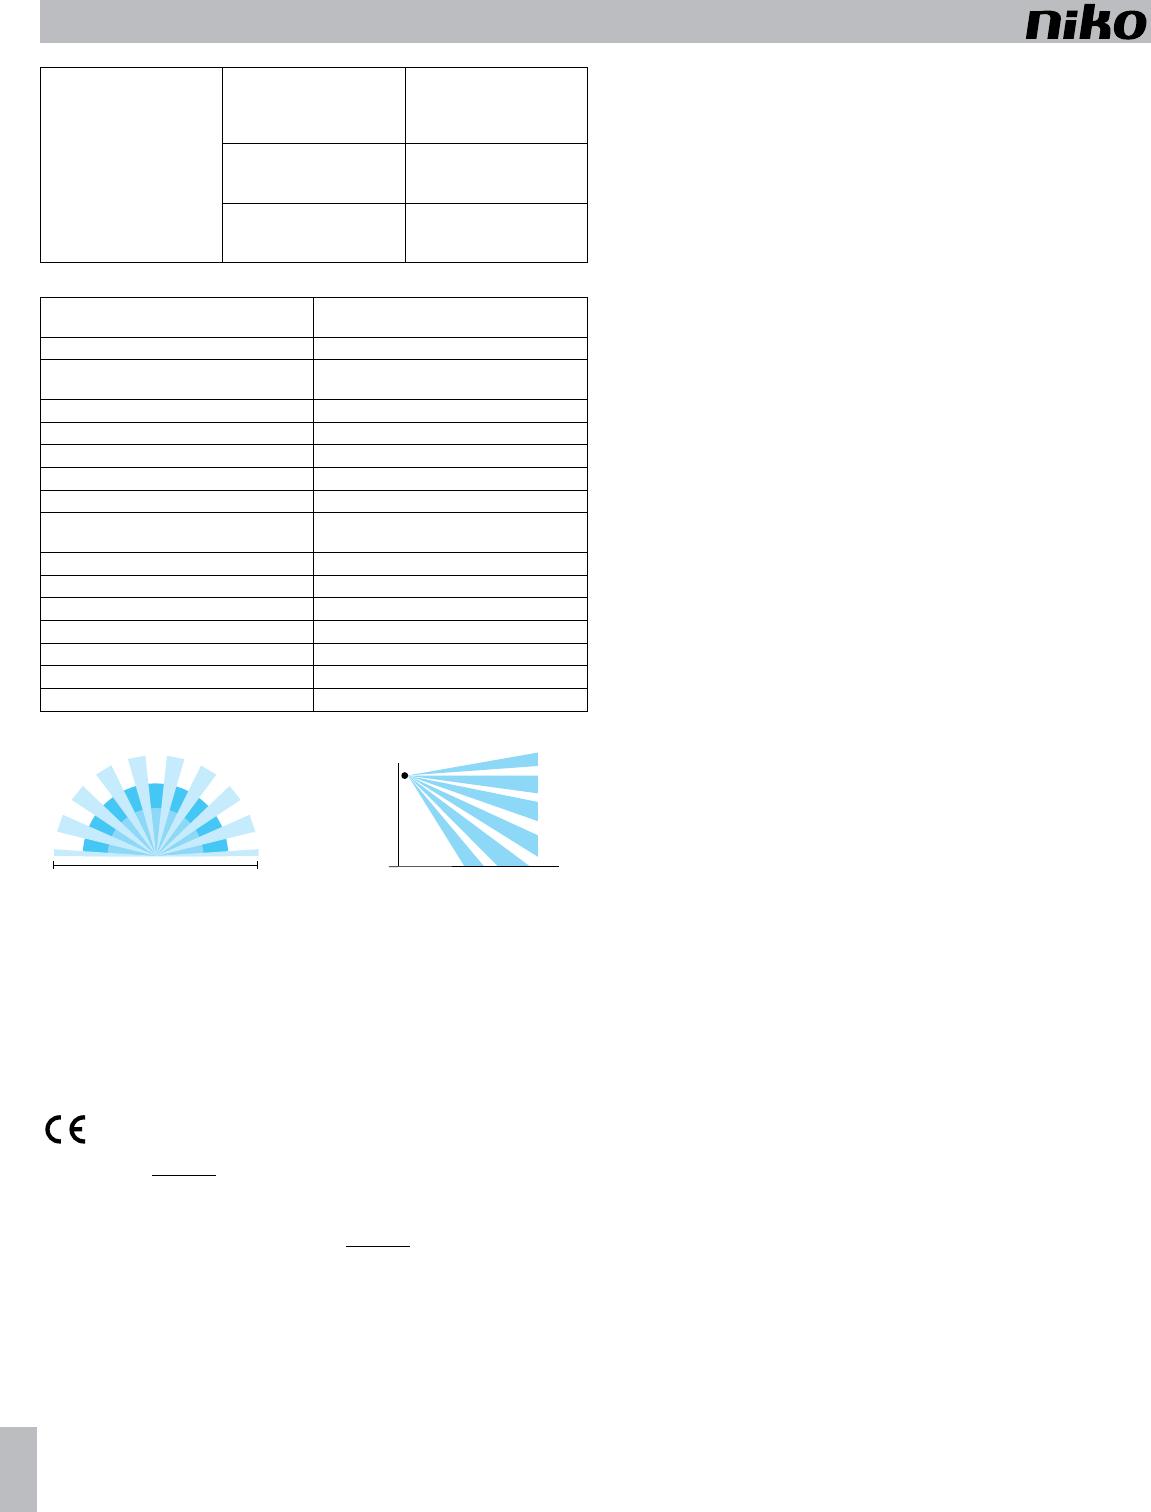 interracial dátumové údaje papiere